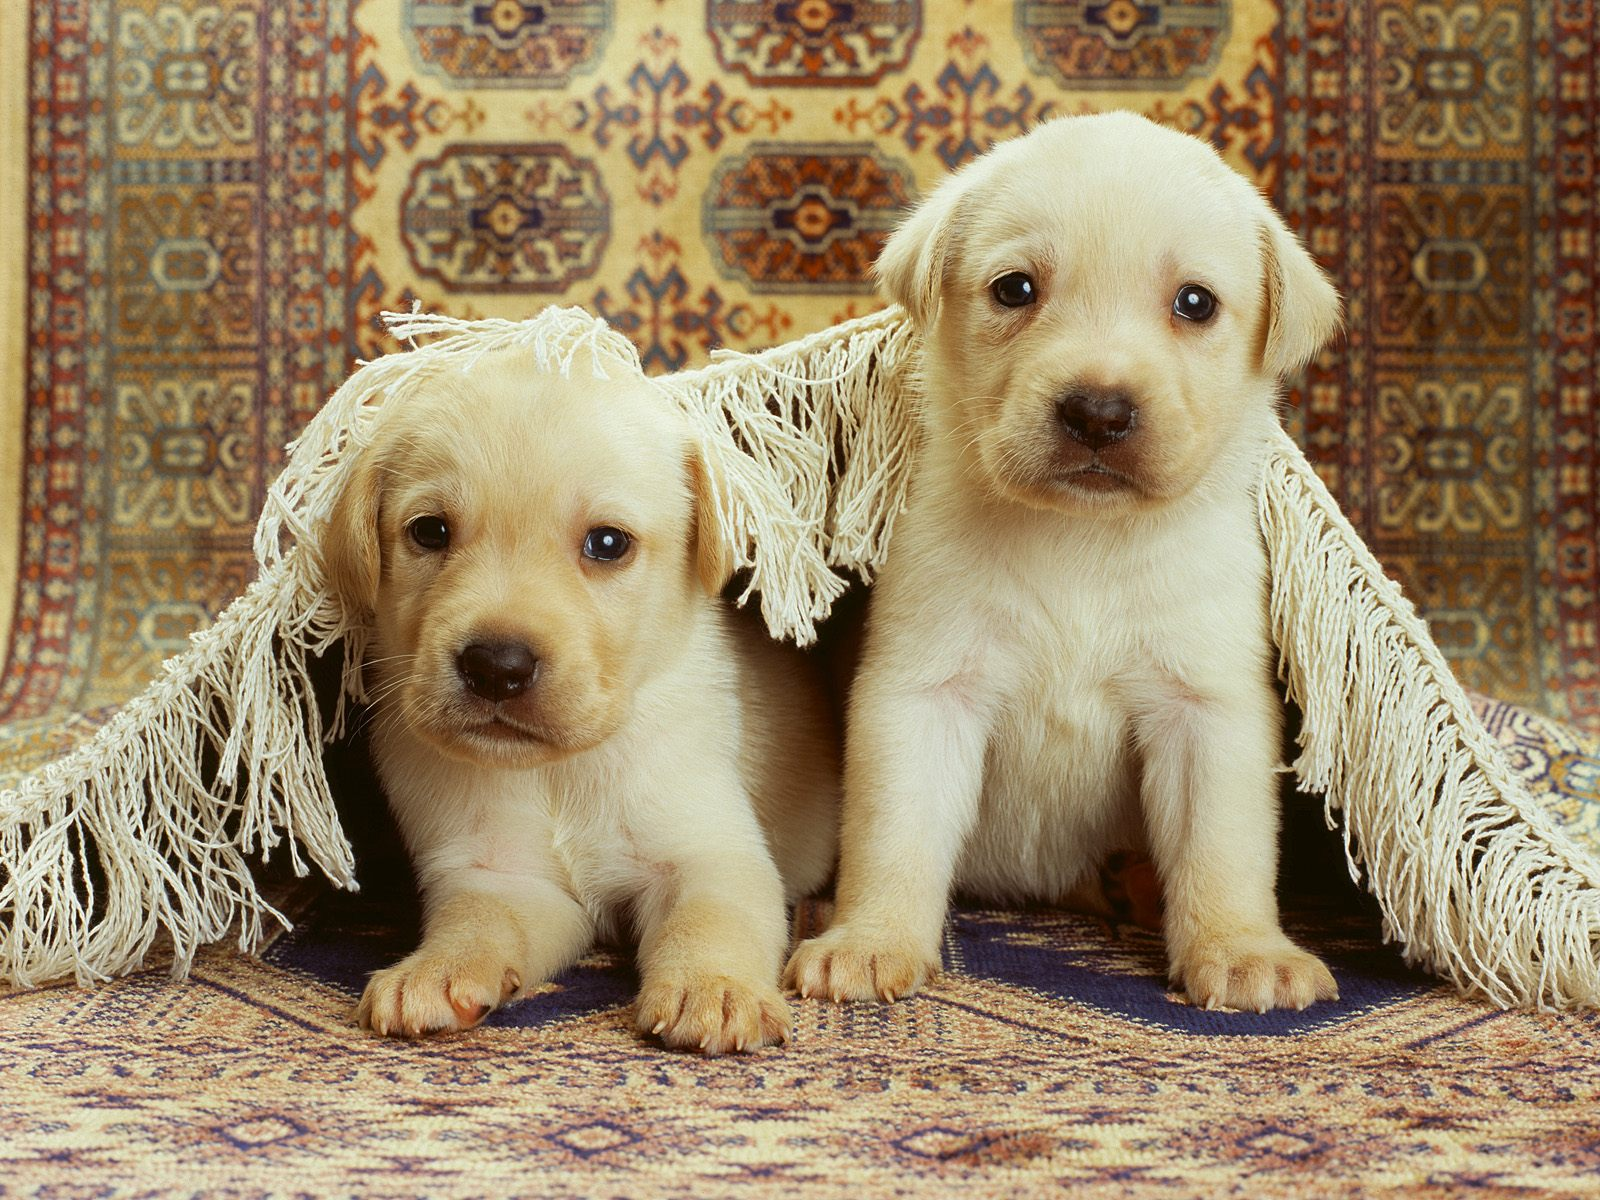 honden achtergronden hd wallpapers - photo #16